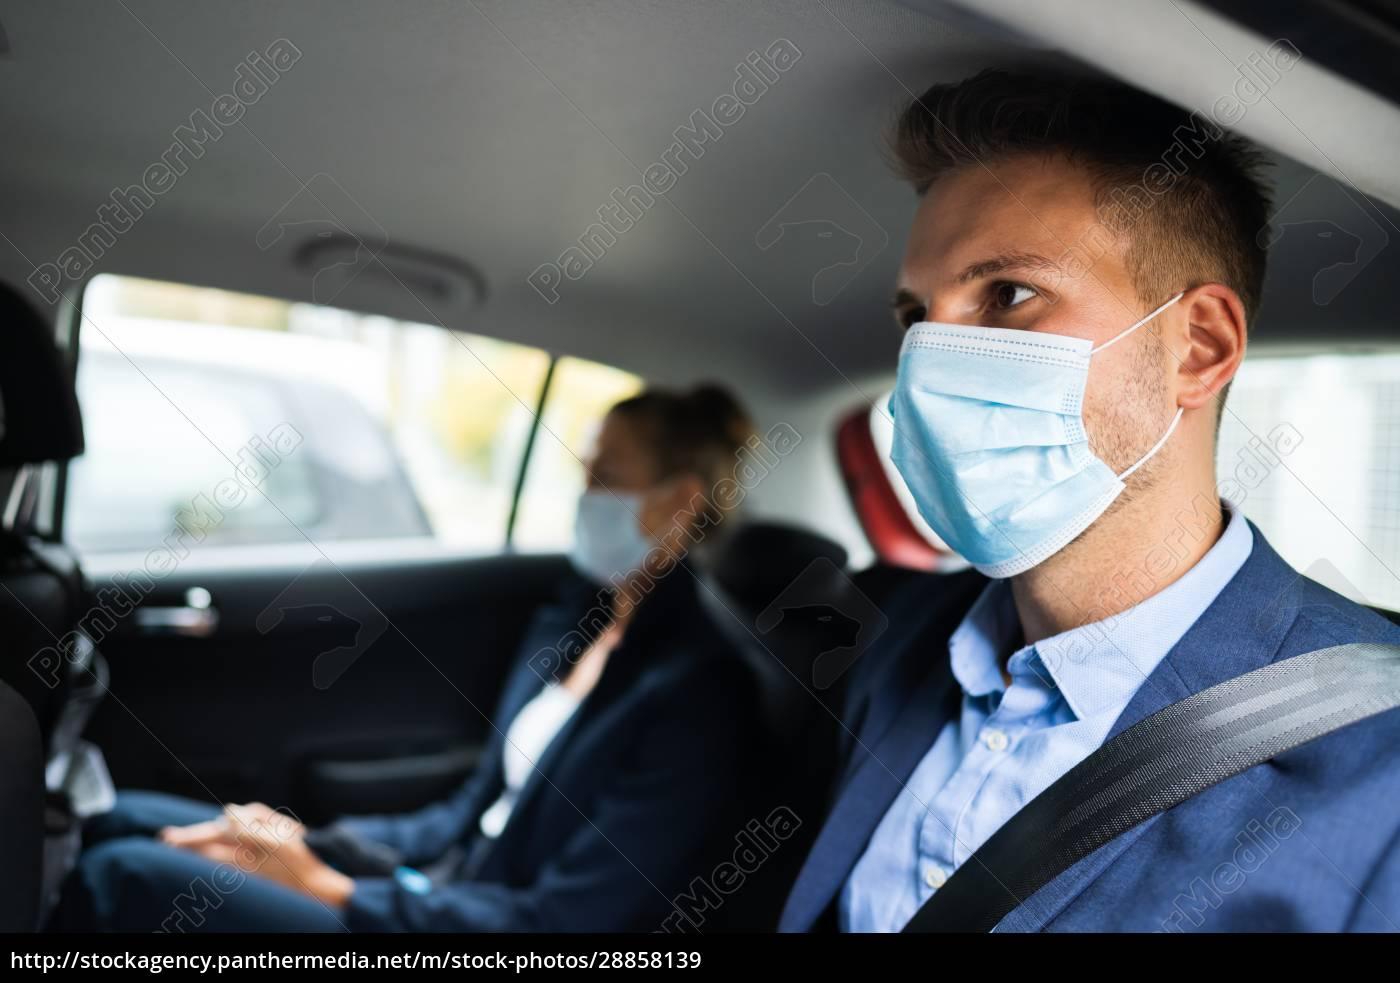 menschen, fahrgemeinschaften, und, carsharing - 28858139